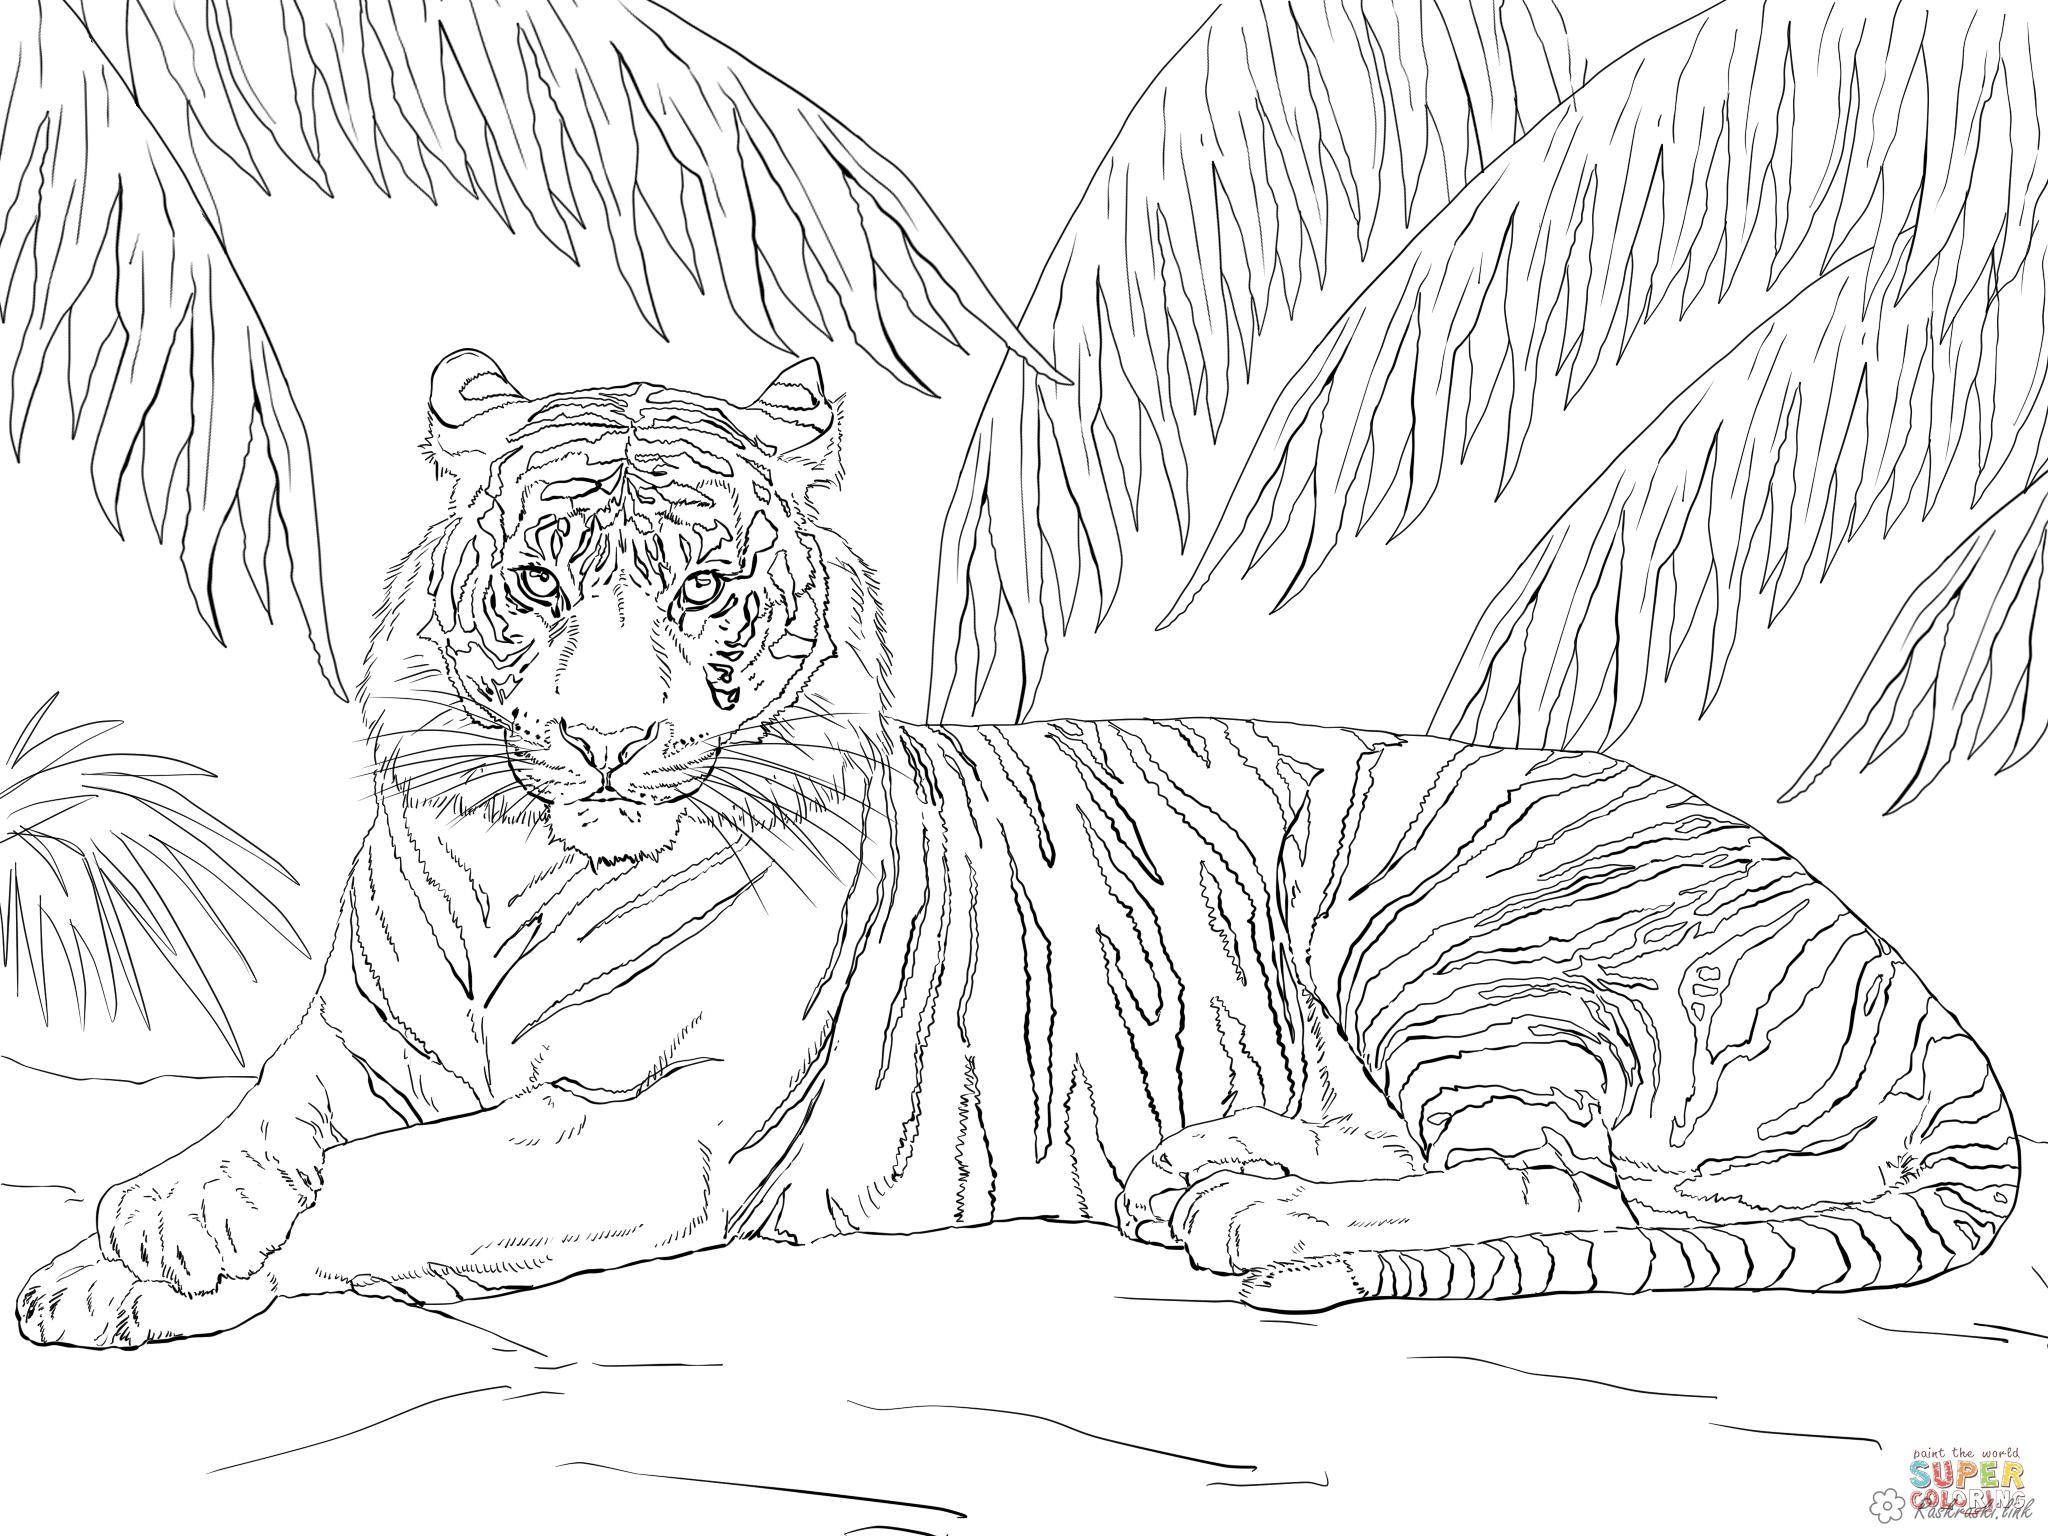 Раскраски дикие раскраски тигры, деревья, ель, природа, хищное животное